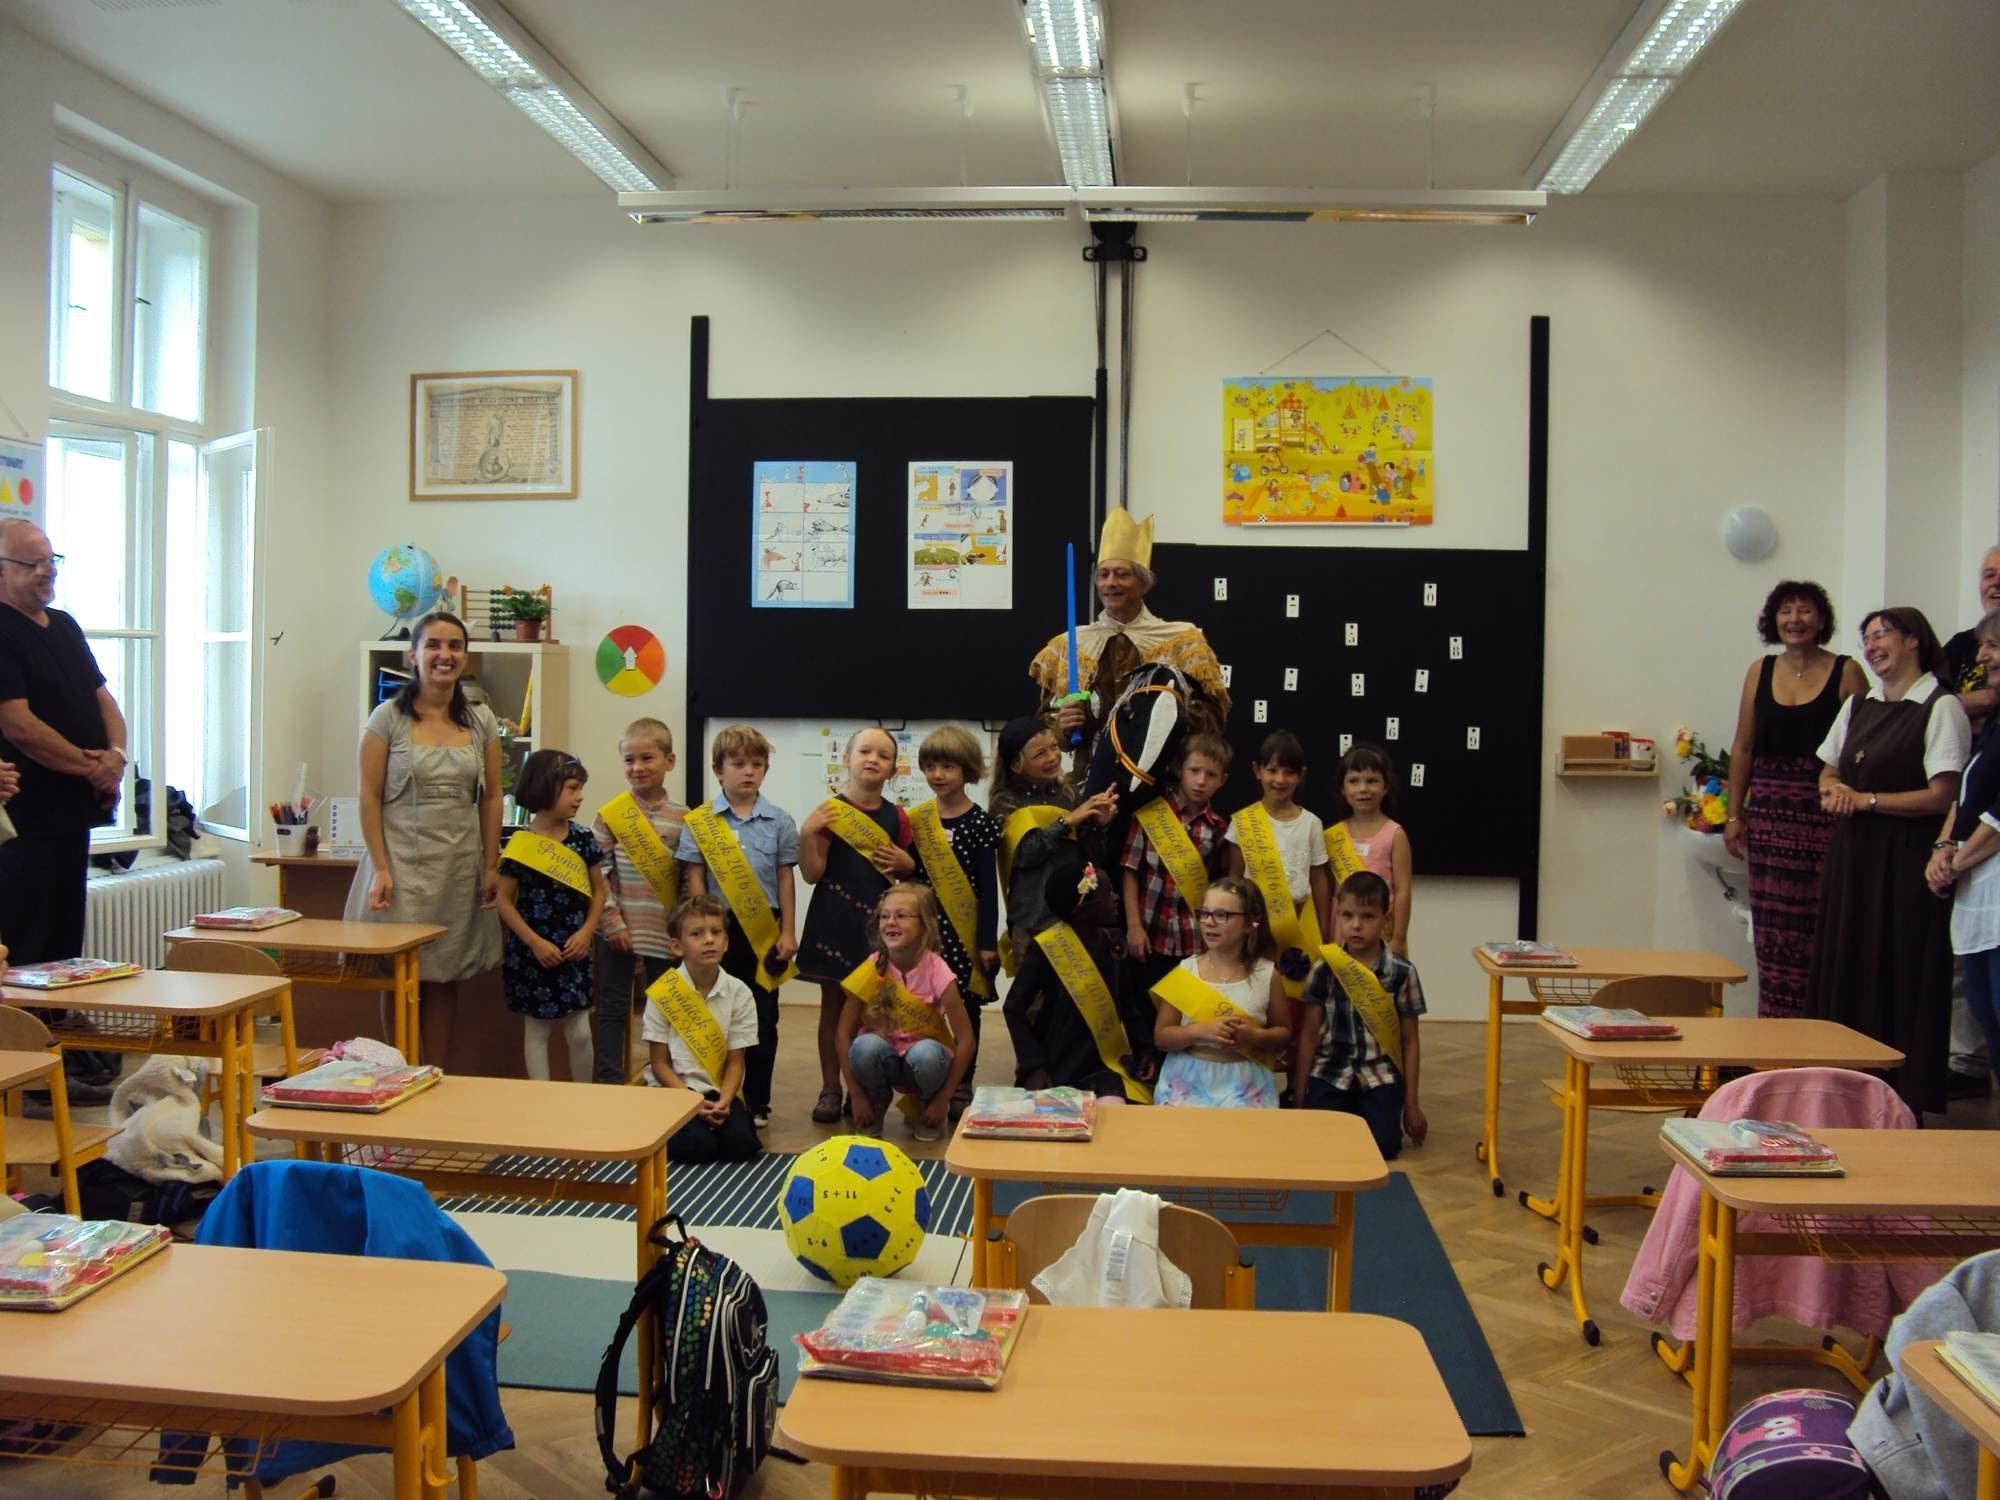 Základní a mateřská škola s environmentálním a sportovním duchem i individuálním přístupem